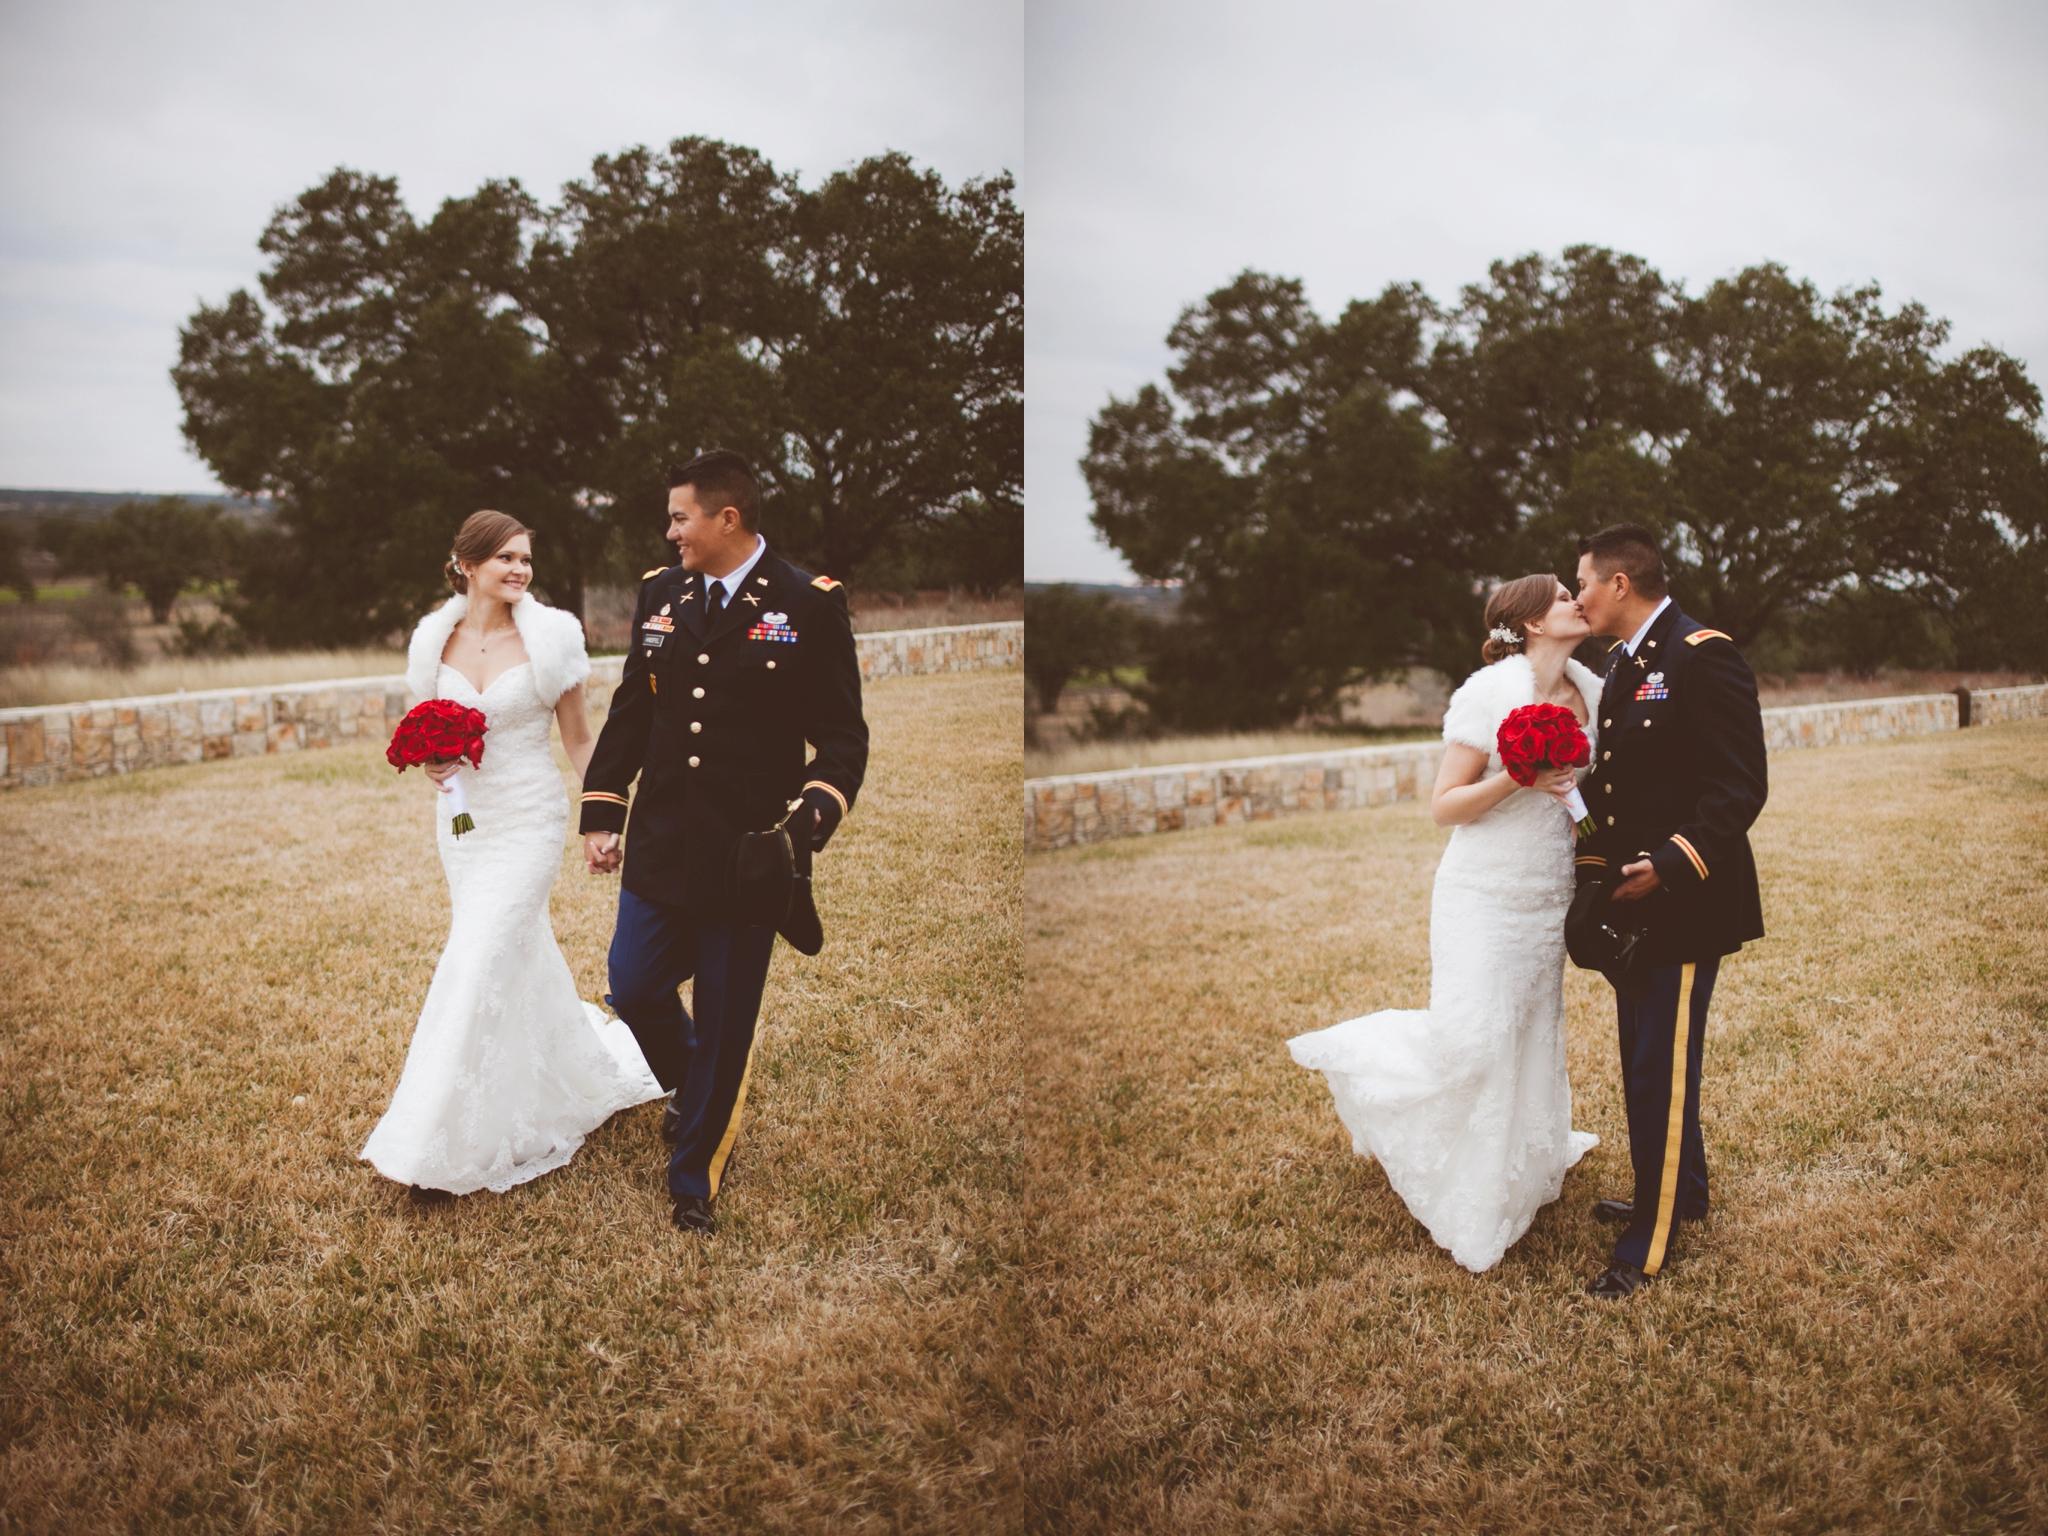 Salt-Lick-Austin-Wedding-Photographer-054.jpg